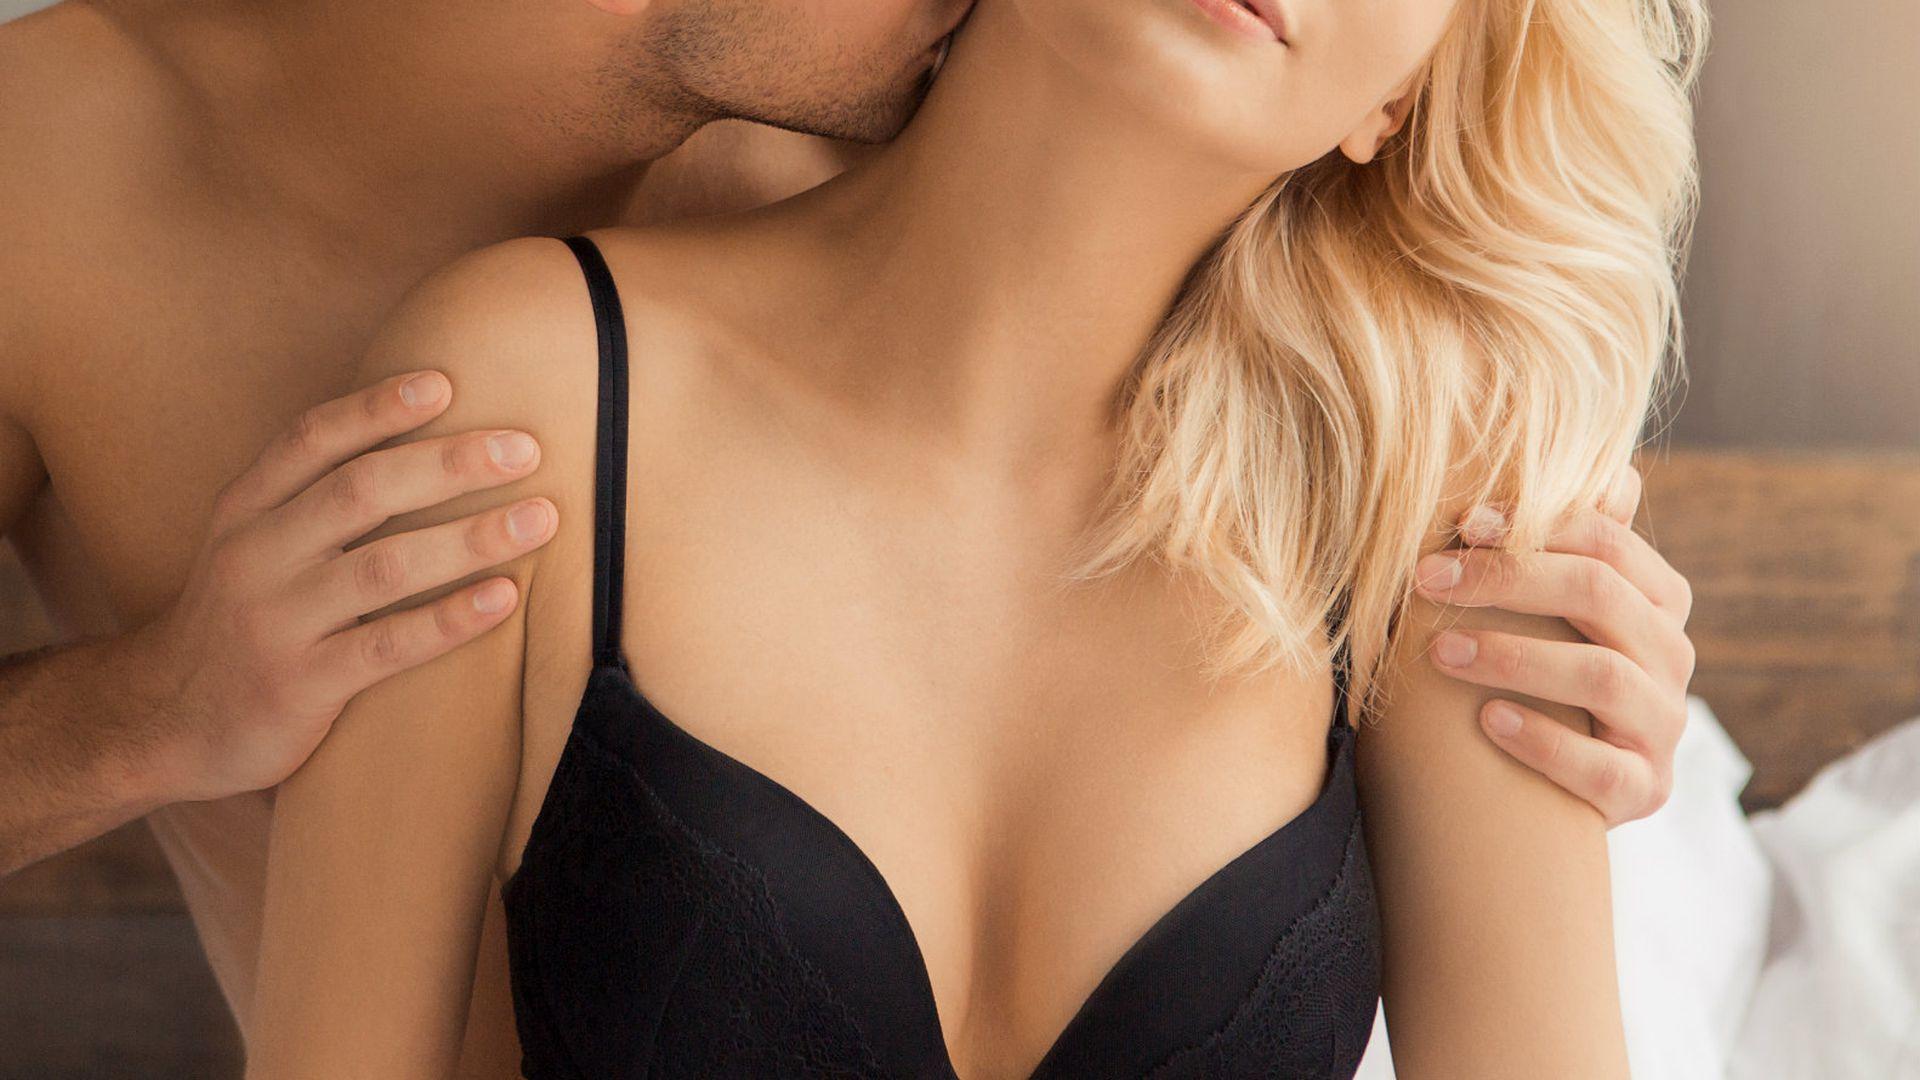 lijep seks tinejdžera škver porno zvijezde